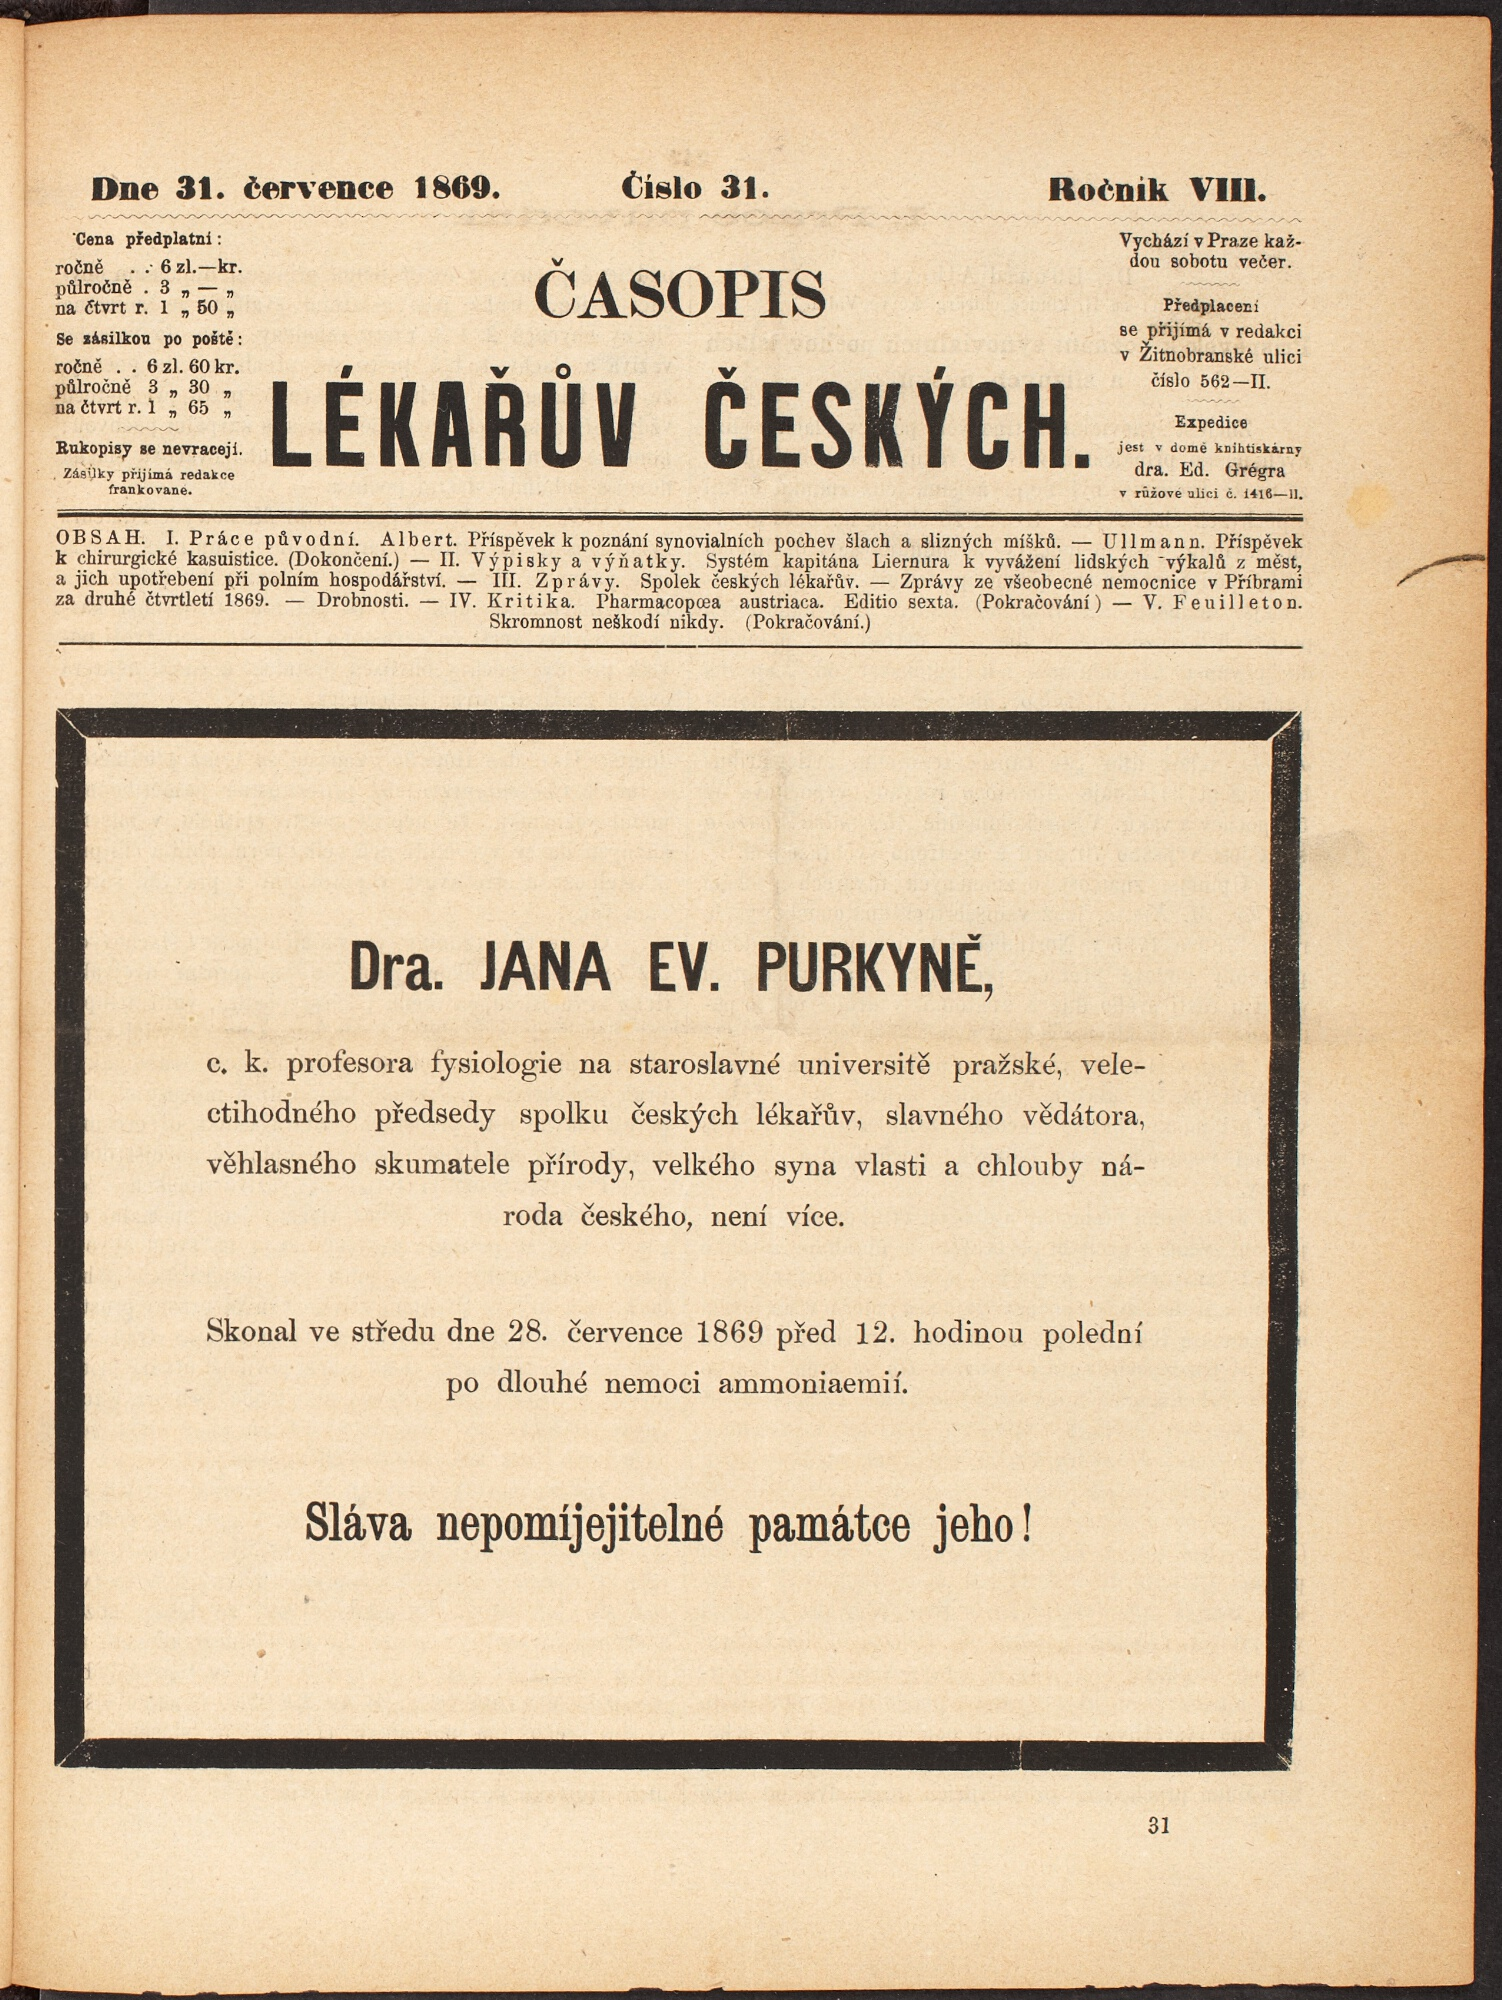 Oznámení o skonu J. E. Purkyně na titulní straně ČLČ v červenci 1869